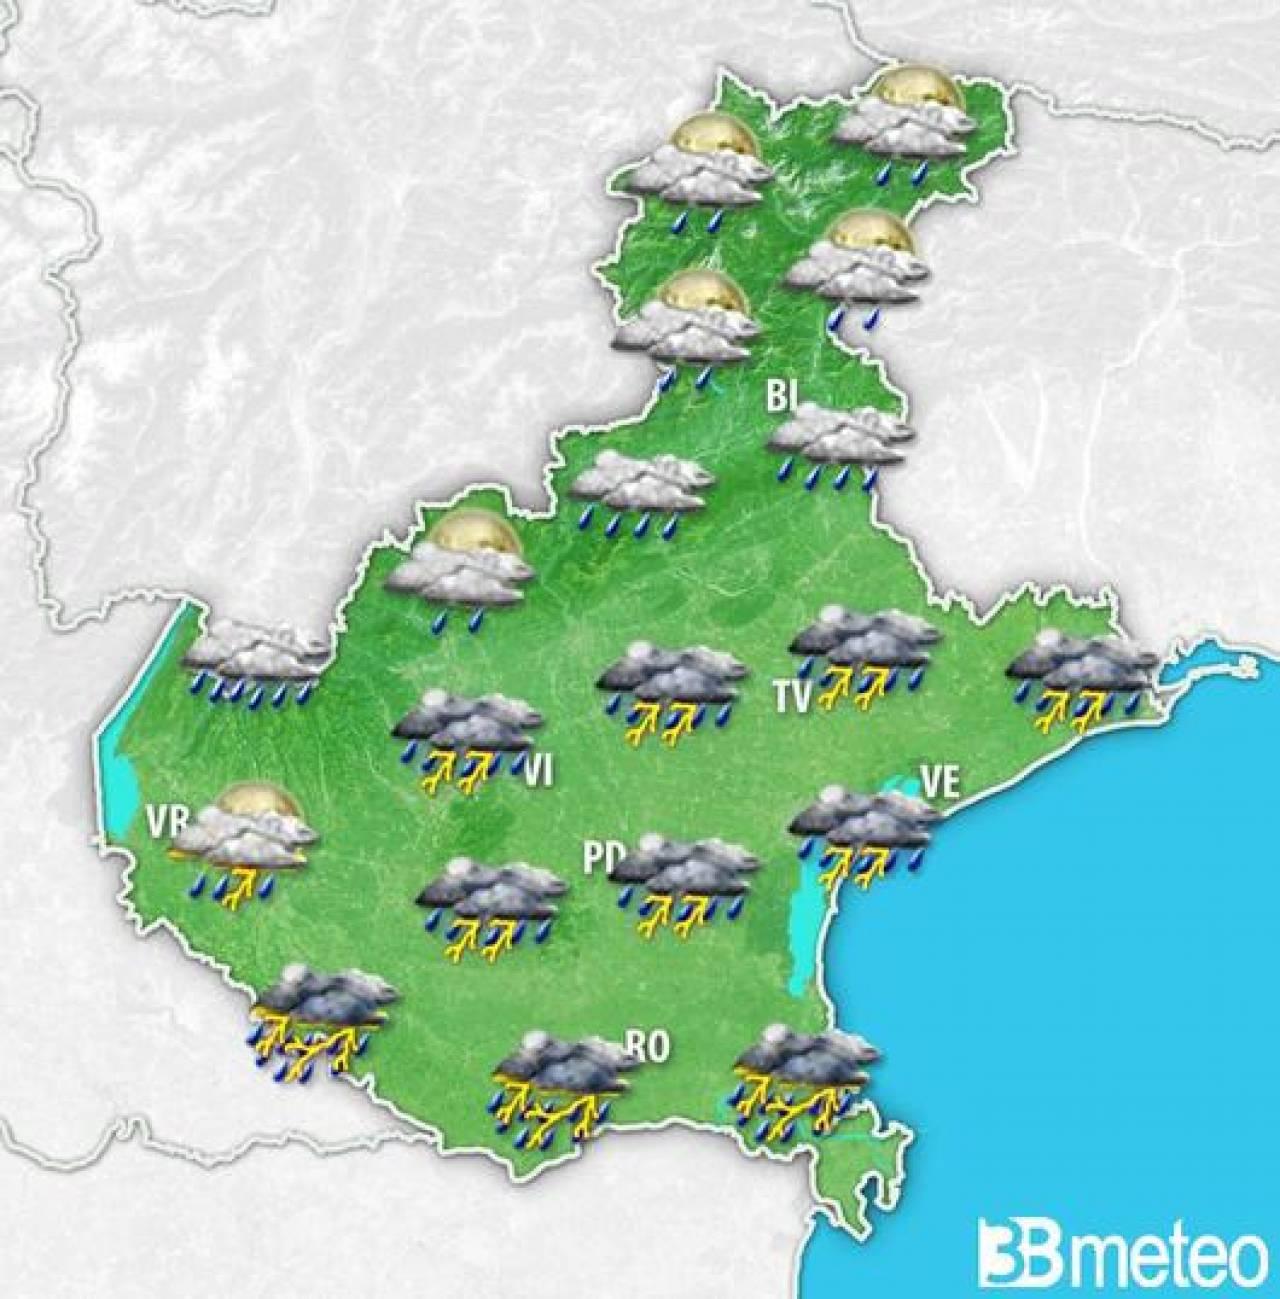 Evoluzione meteo prevista per il tardo pomeriggio-sera di sabato in Veneto